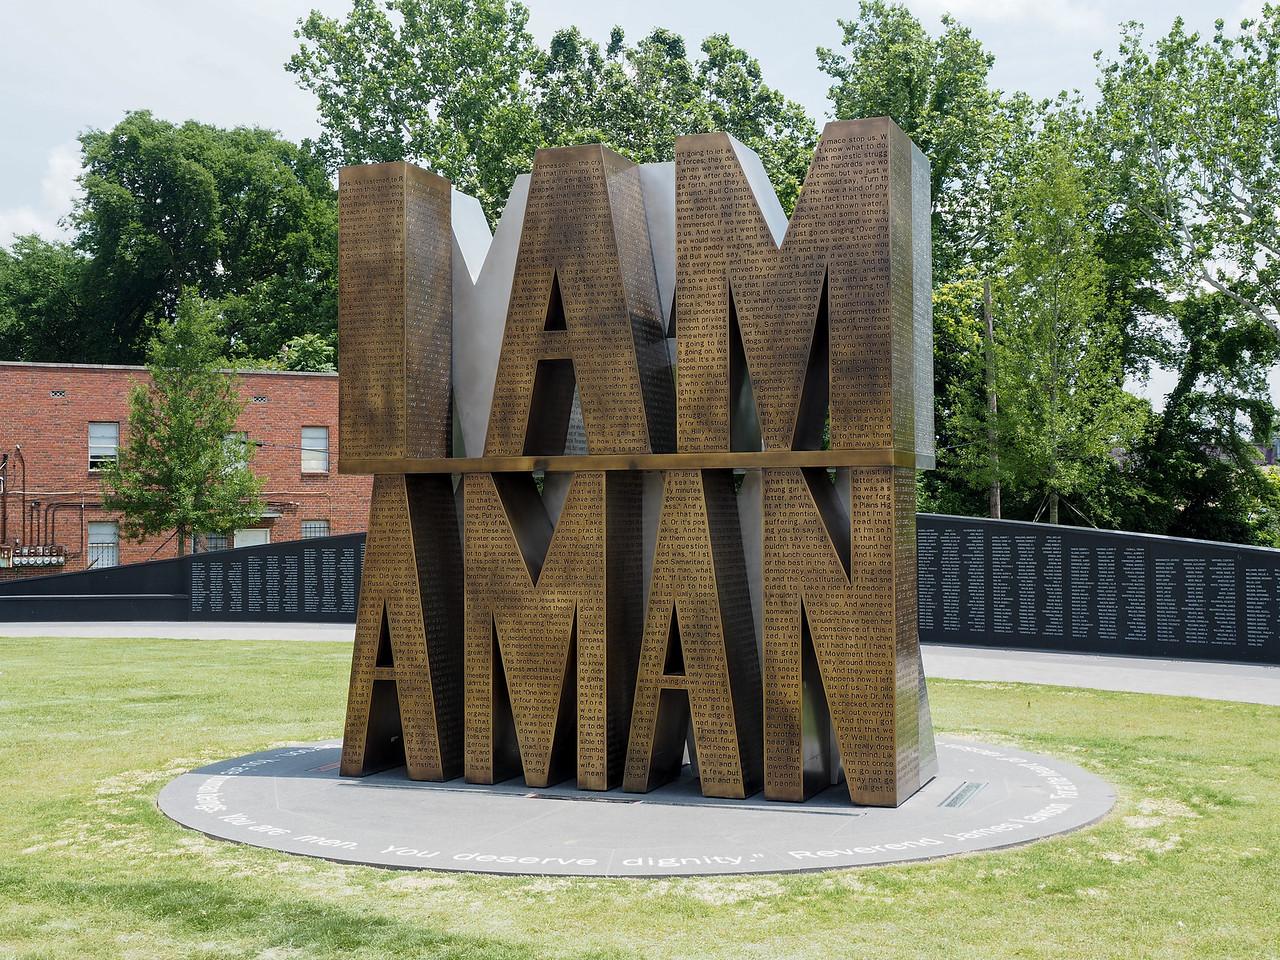 Memphis I Am A Man park